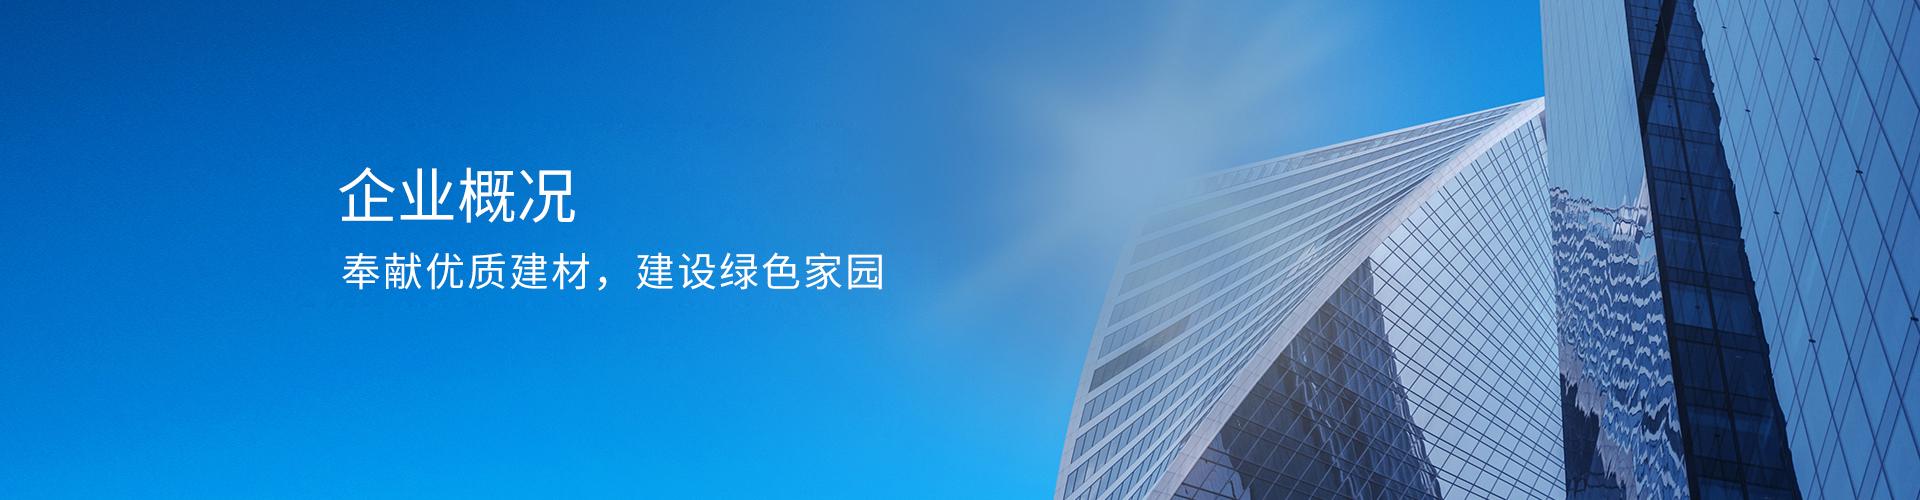 四川衡鼎建材有限公司